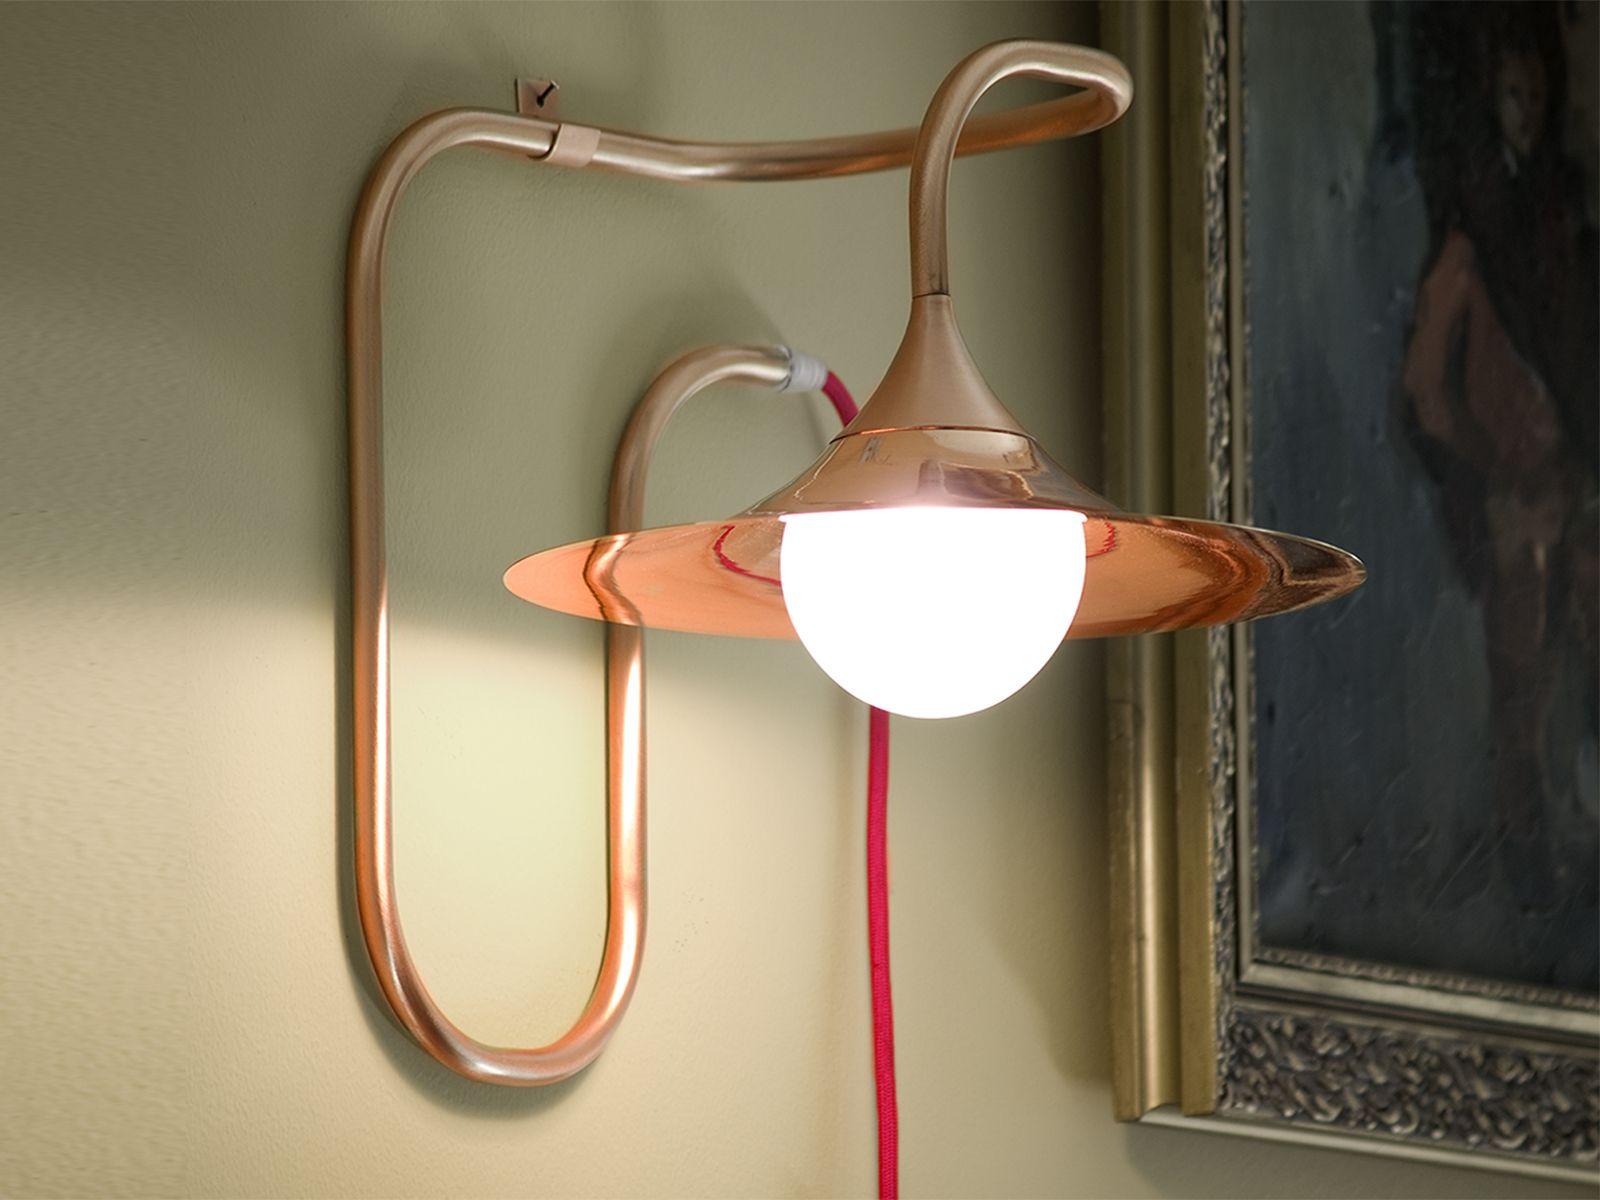 Lampade Rustiche In Rame : Turbaya lampada da parete in rame lampade rame pinterest